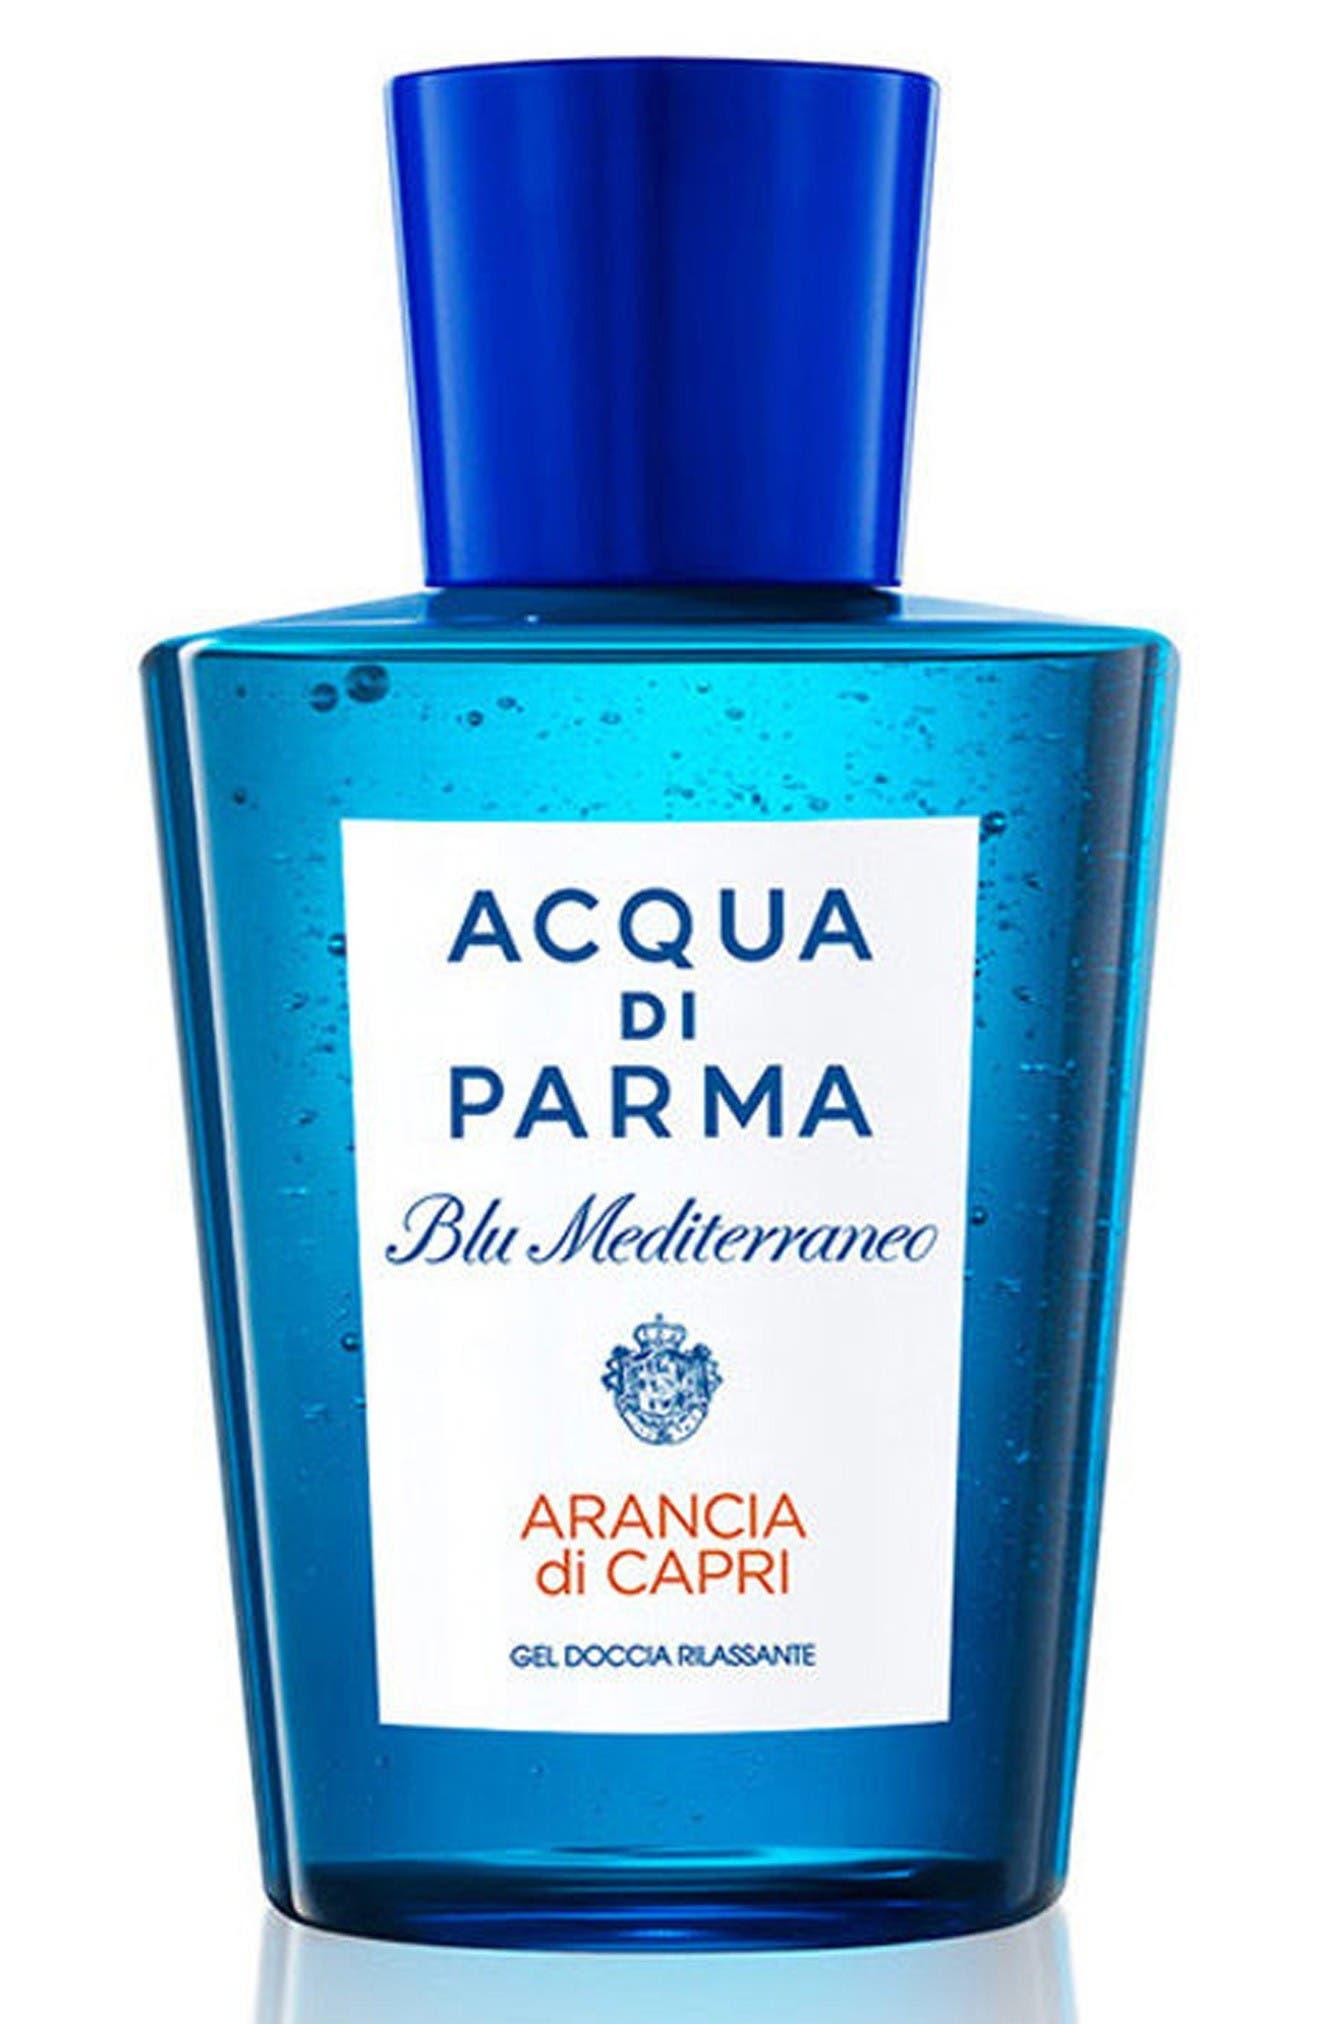 Main Image - Acqua di Parma 'Blu Mediterraneo - Arancia di Capri' Shower Gel